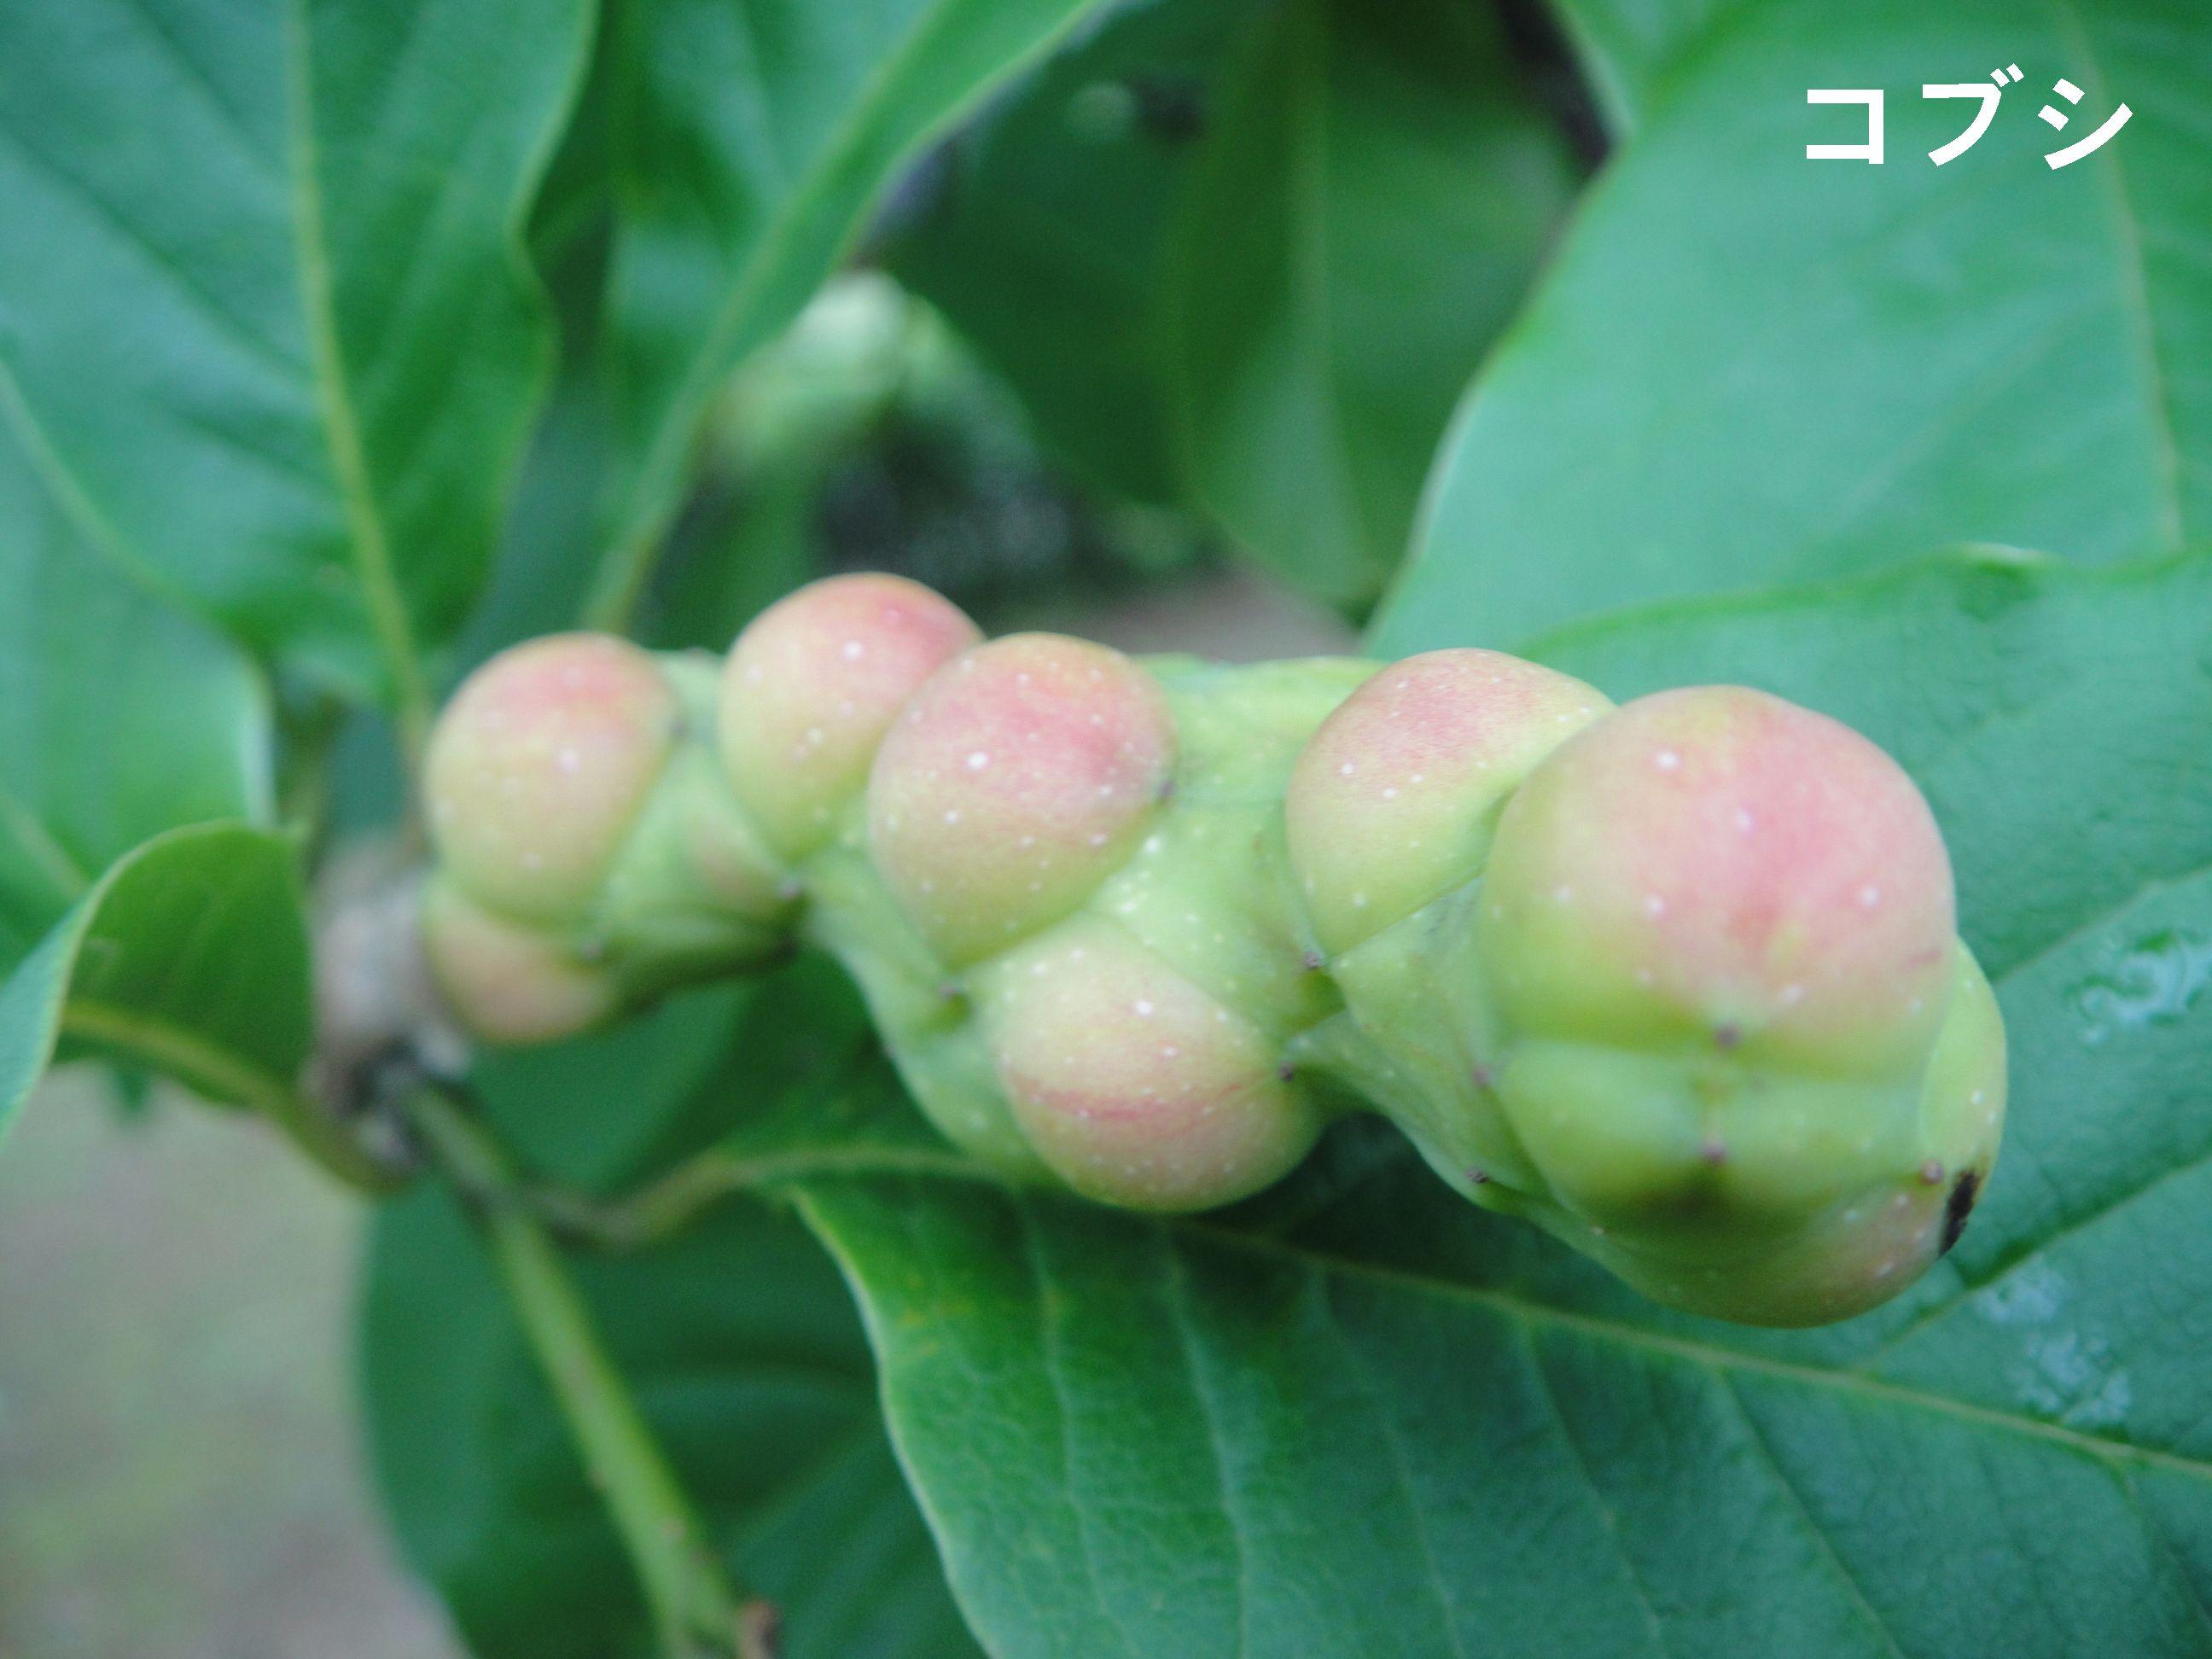 H23年6月度植物調査_c0108460_22242437.jpg